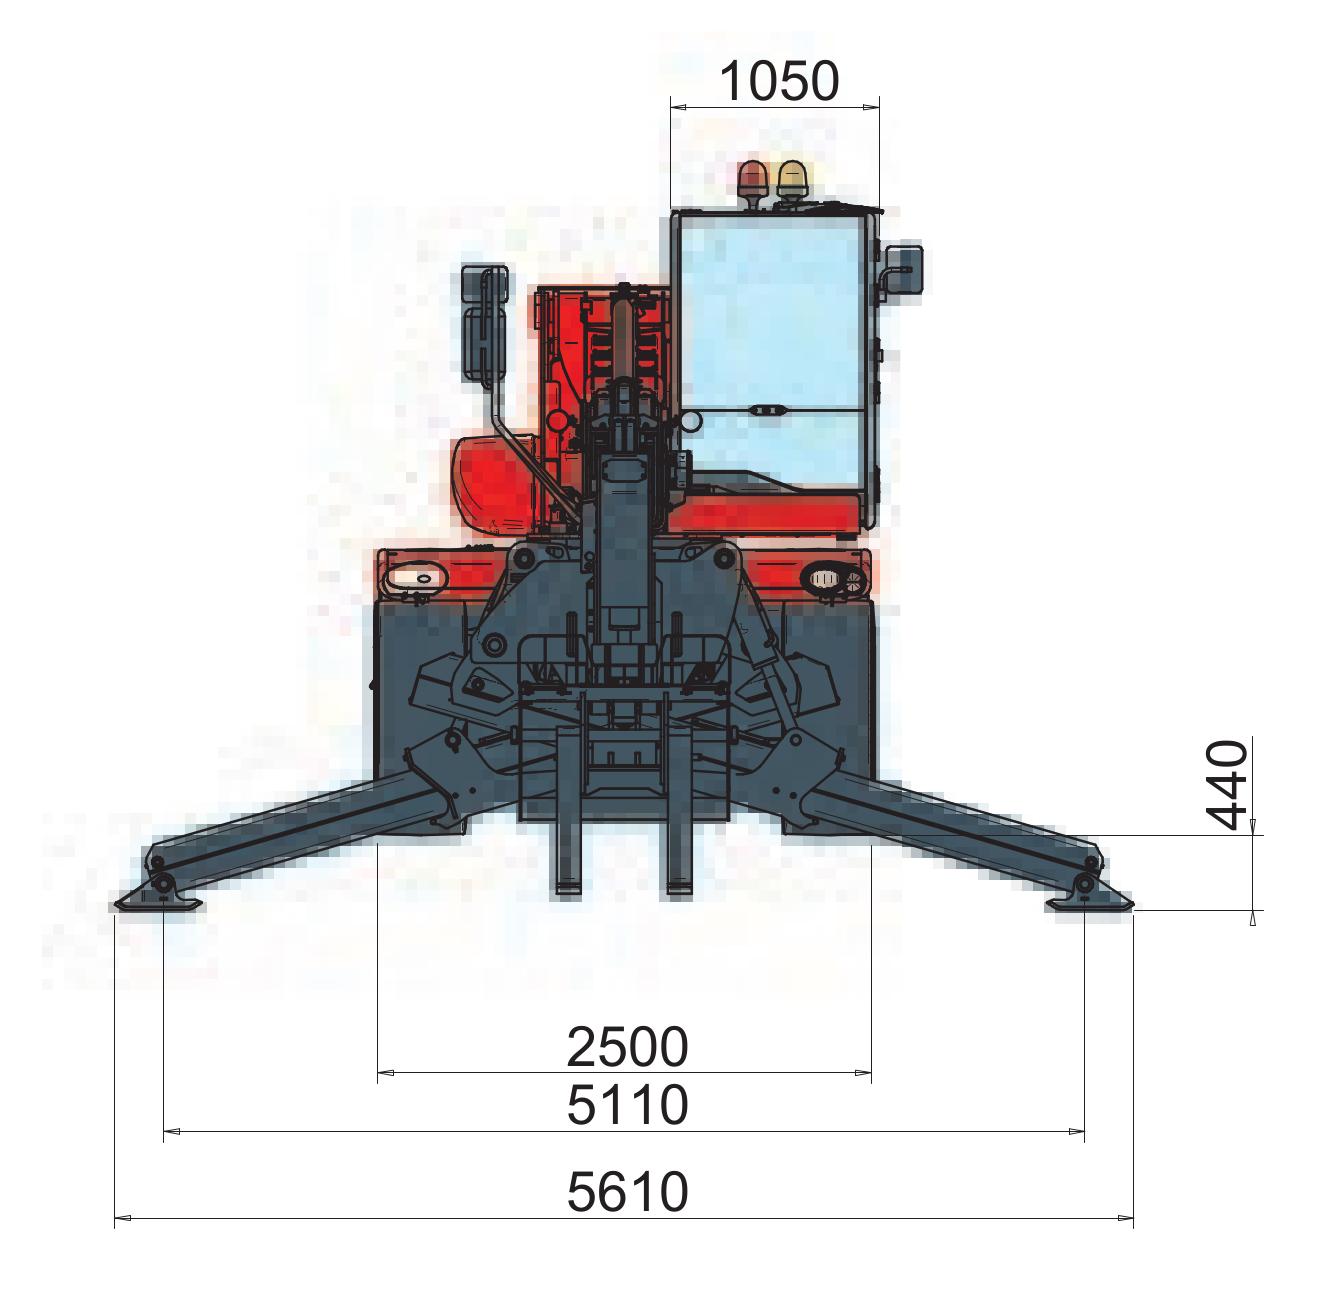 Magni RTH 521 SH Dimensions (2)